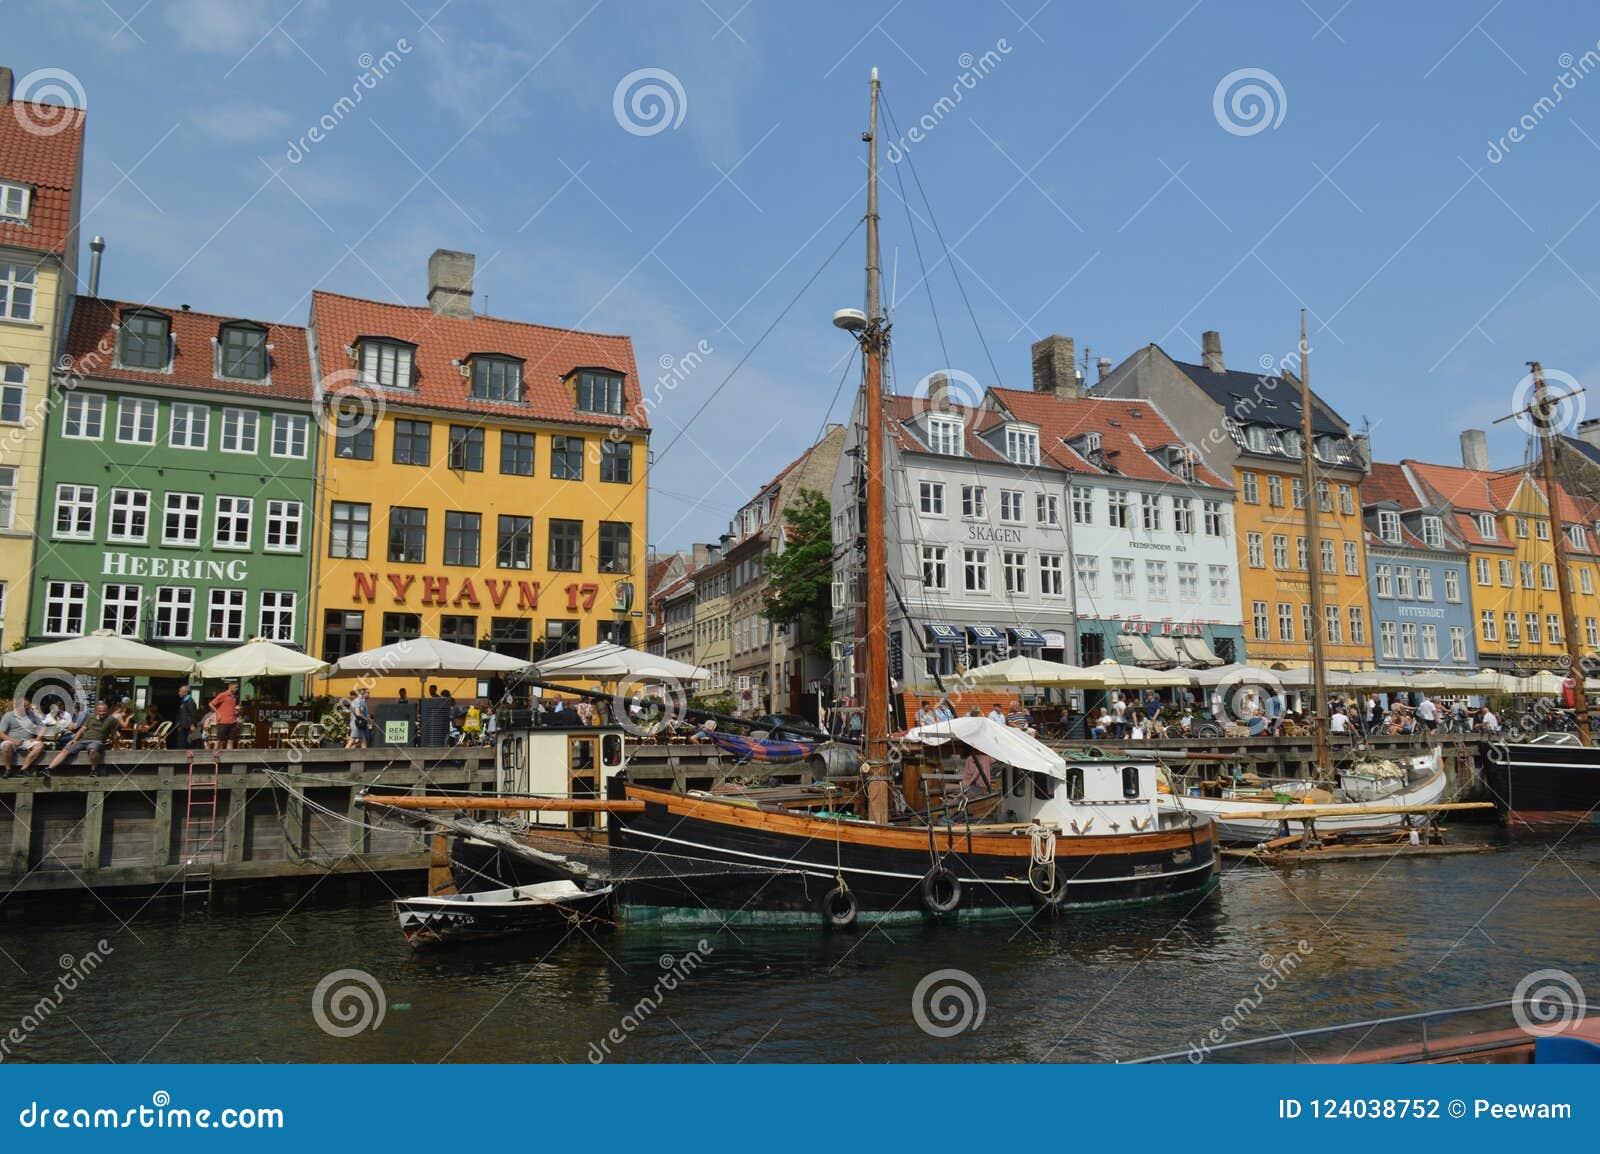 Buntes Nyhavn und hölzerne Boote